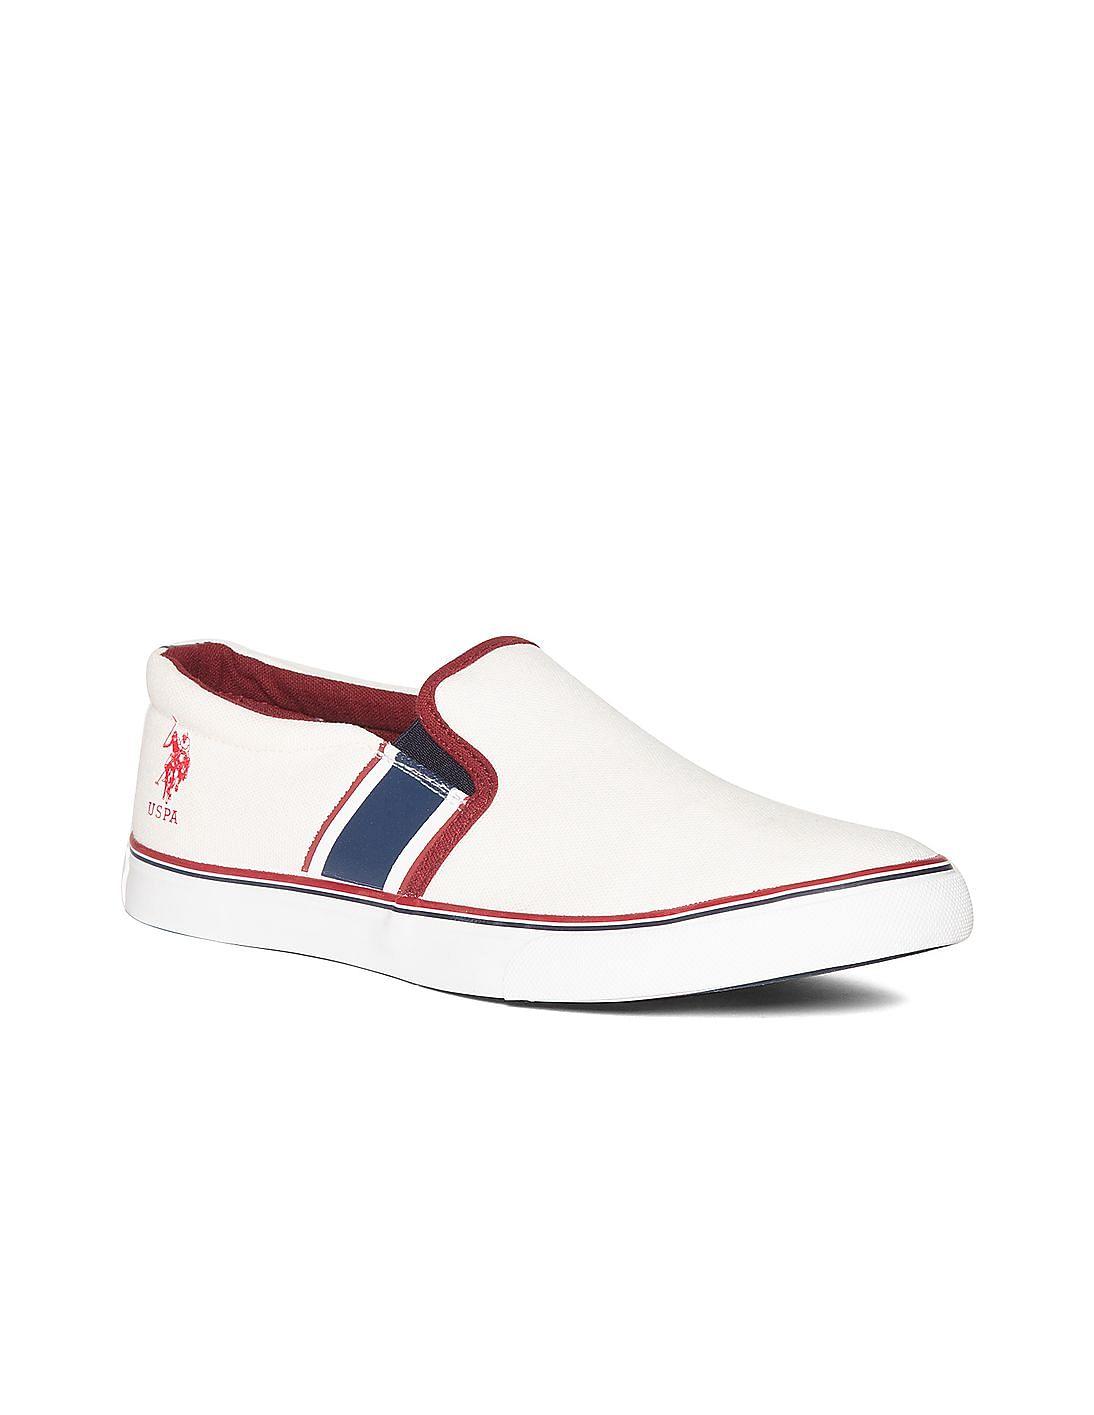 Buy U.S. Polo Assn. Men White Round Toe